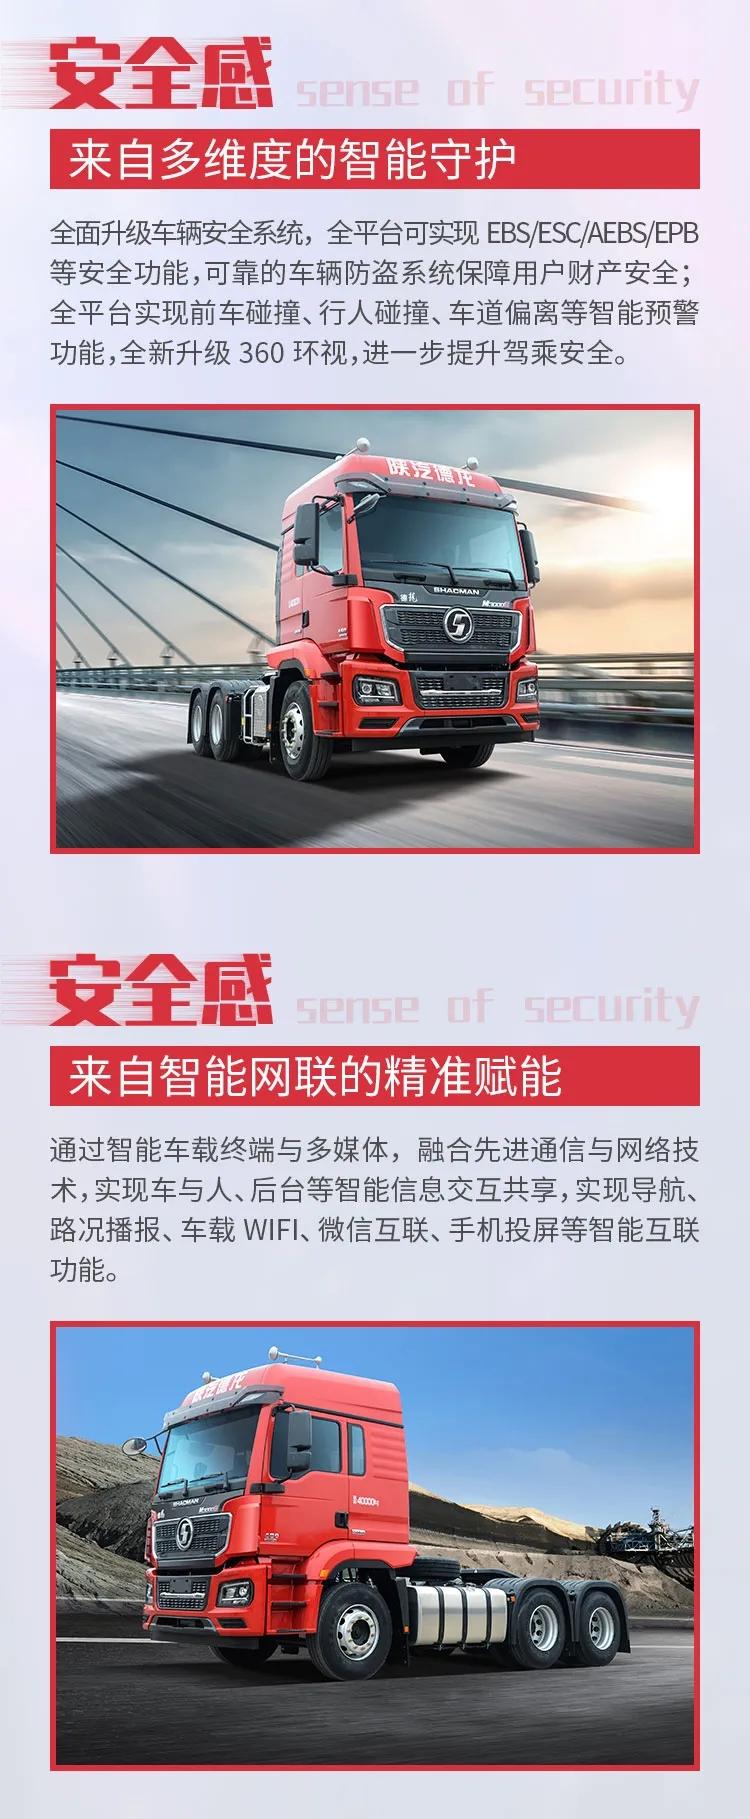 蓝冠机械网首页德龙M3000 S:您的安全感已经成功派送